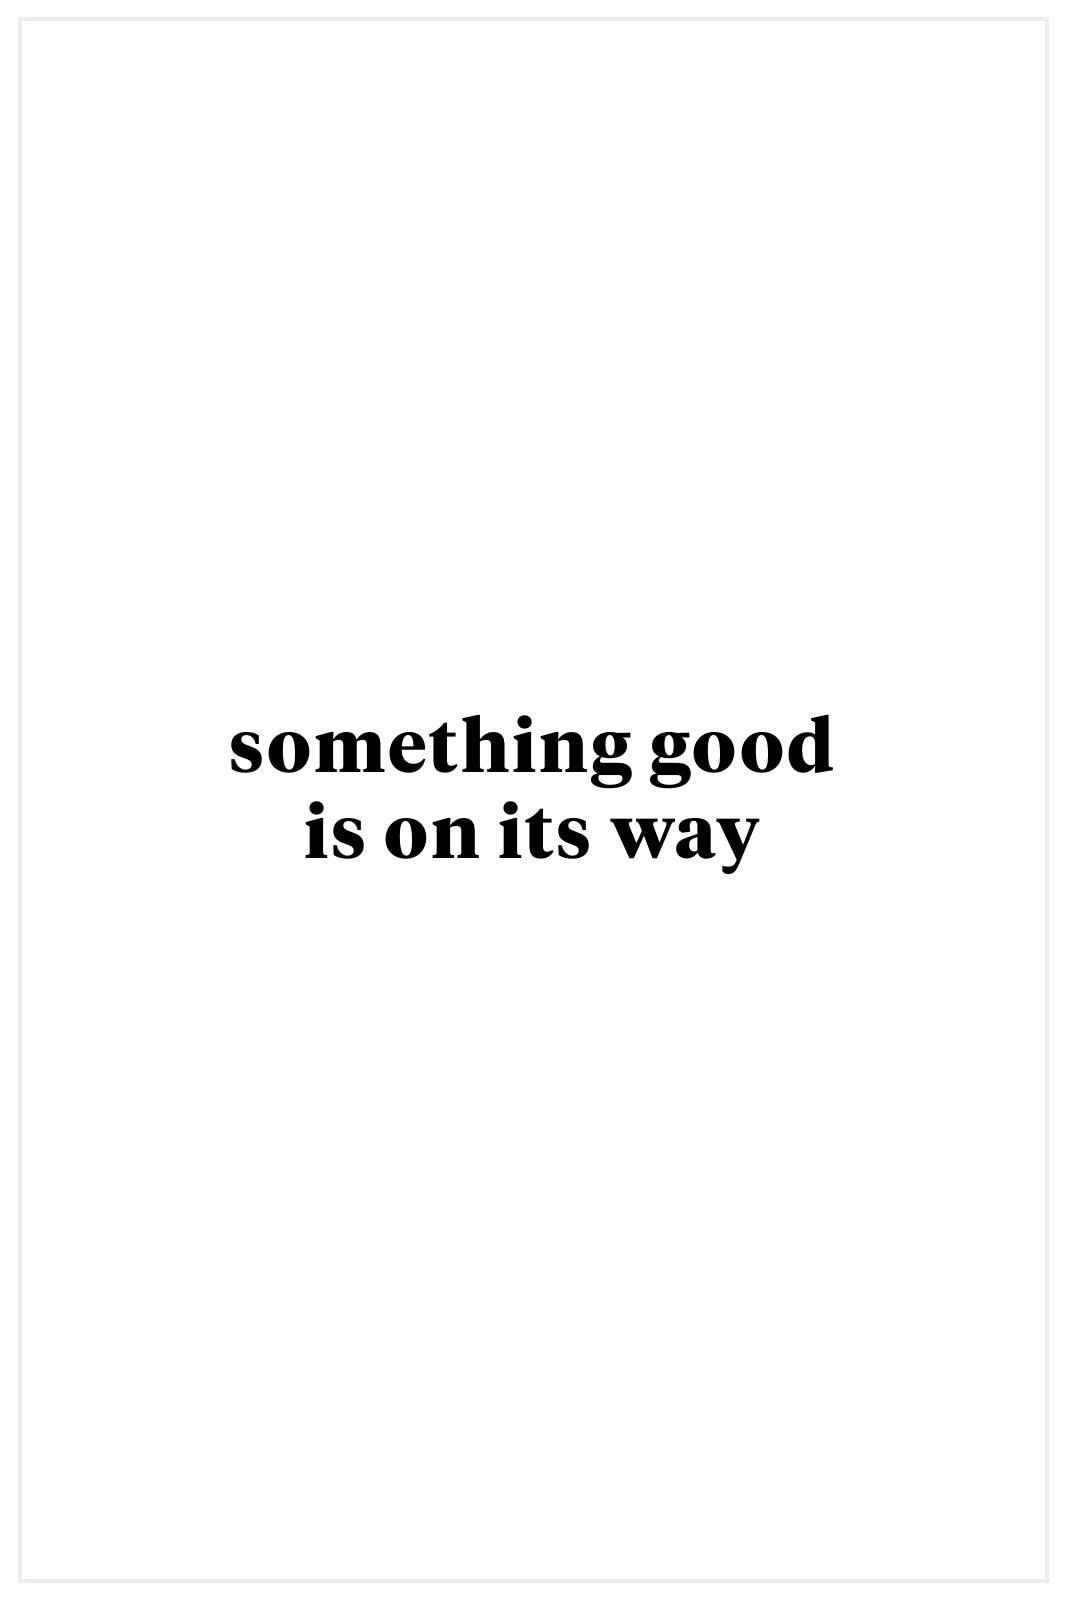 Z supply Multi Tie Dye Pullover Sweatshirt